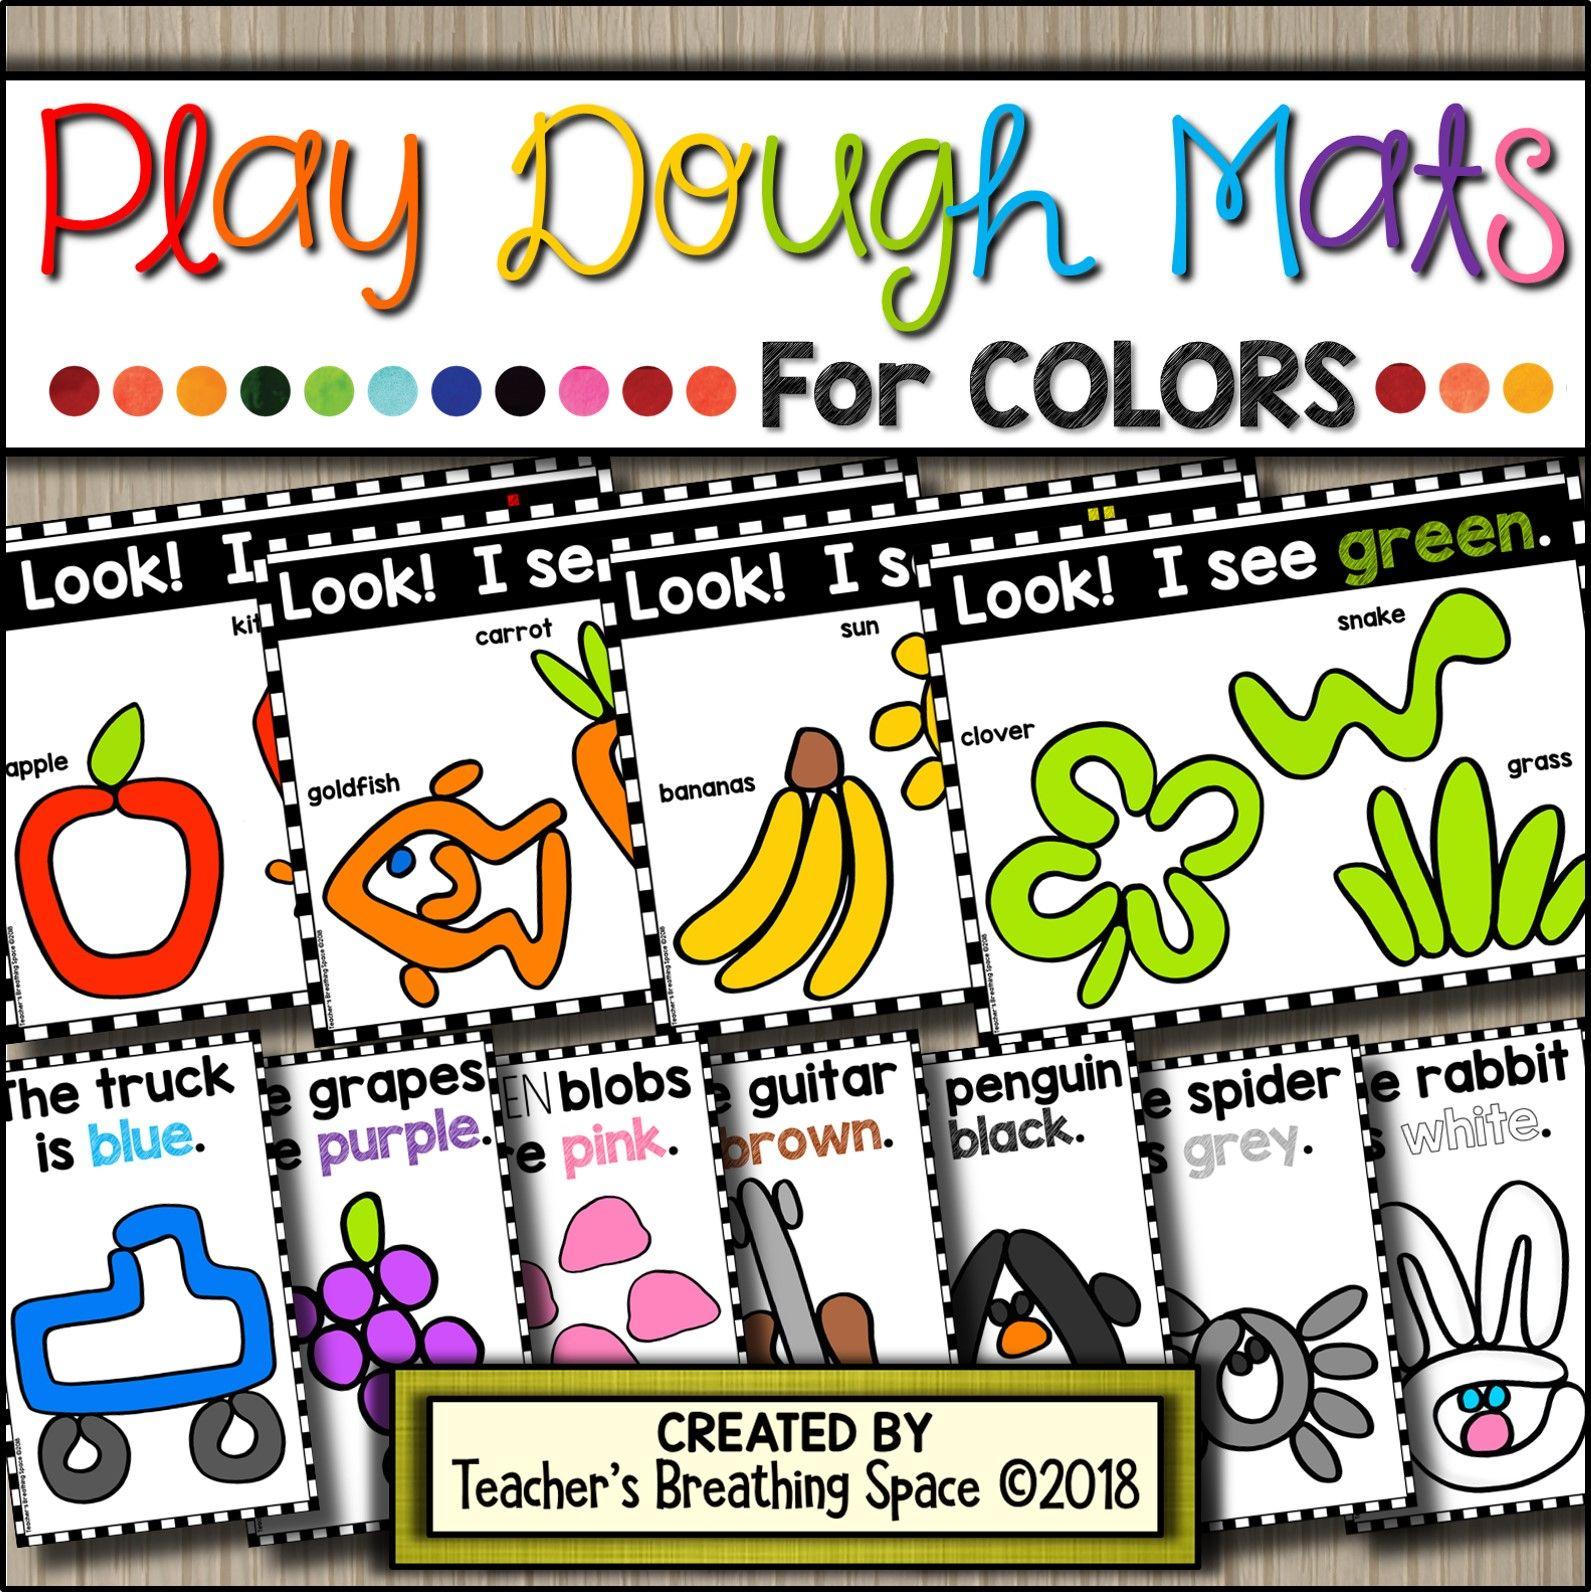 Color Play Dough Mats Play Dough Mats For Exploring